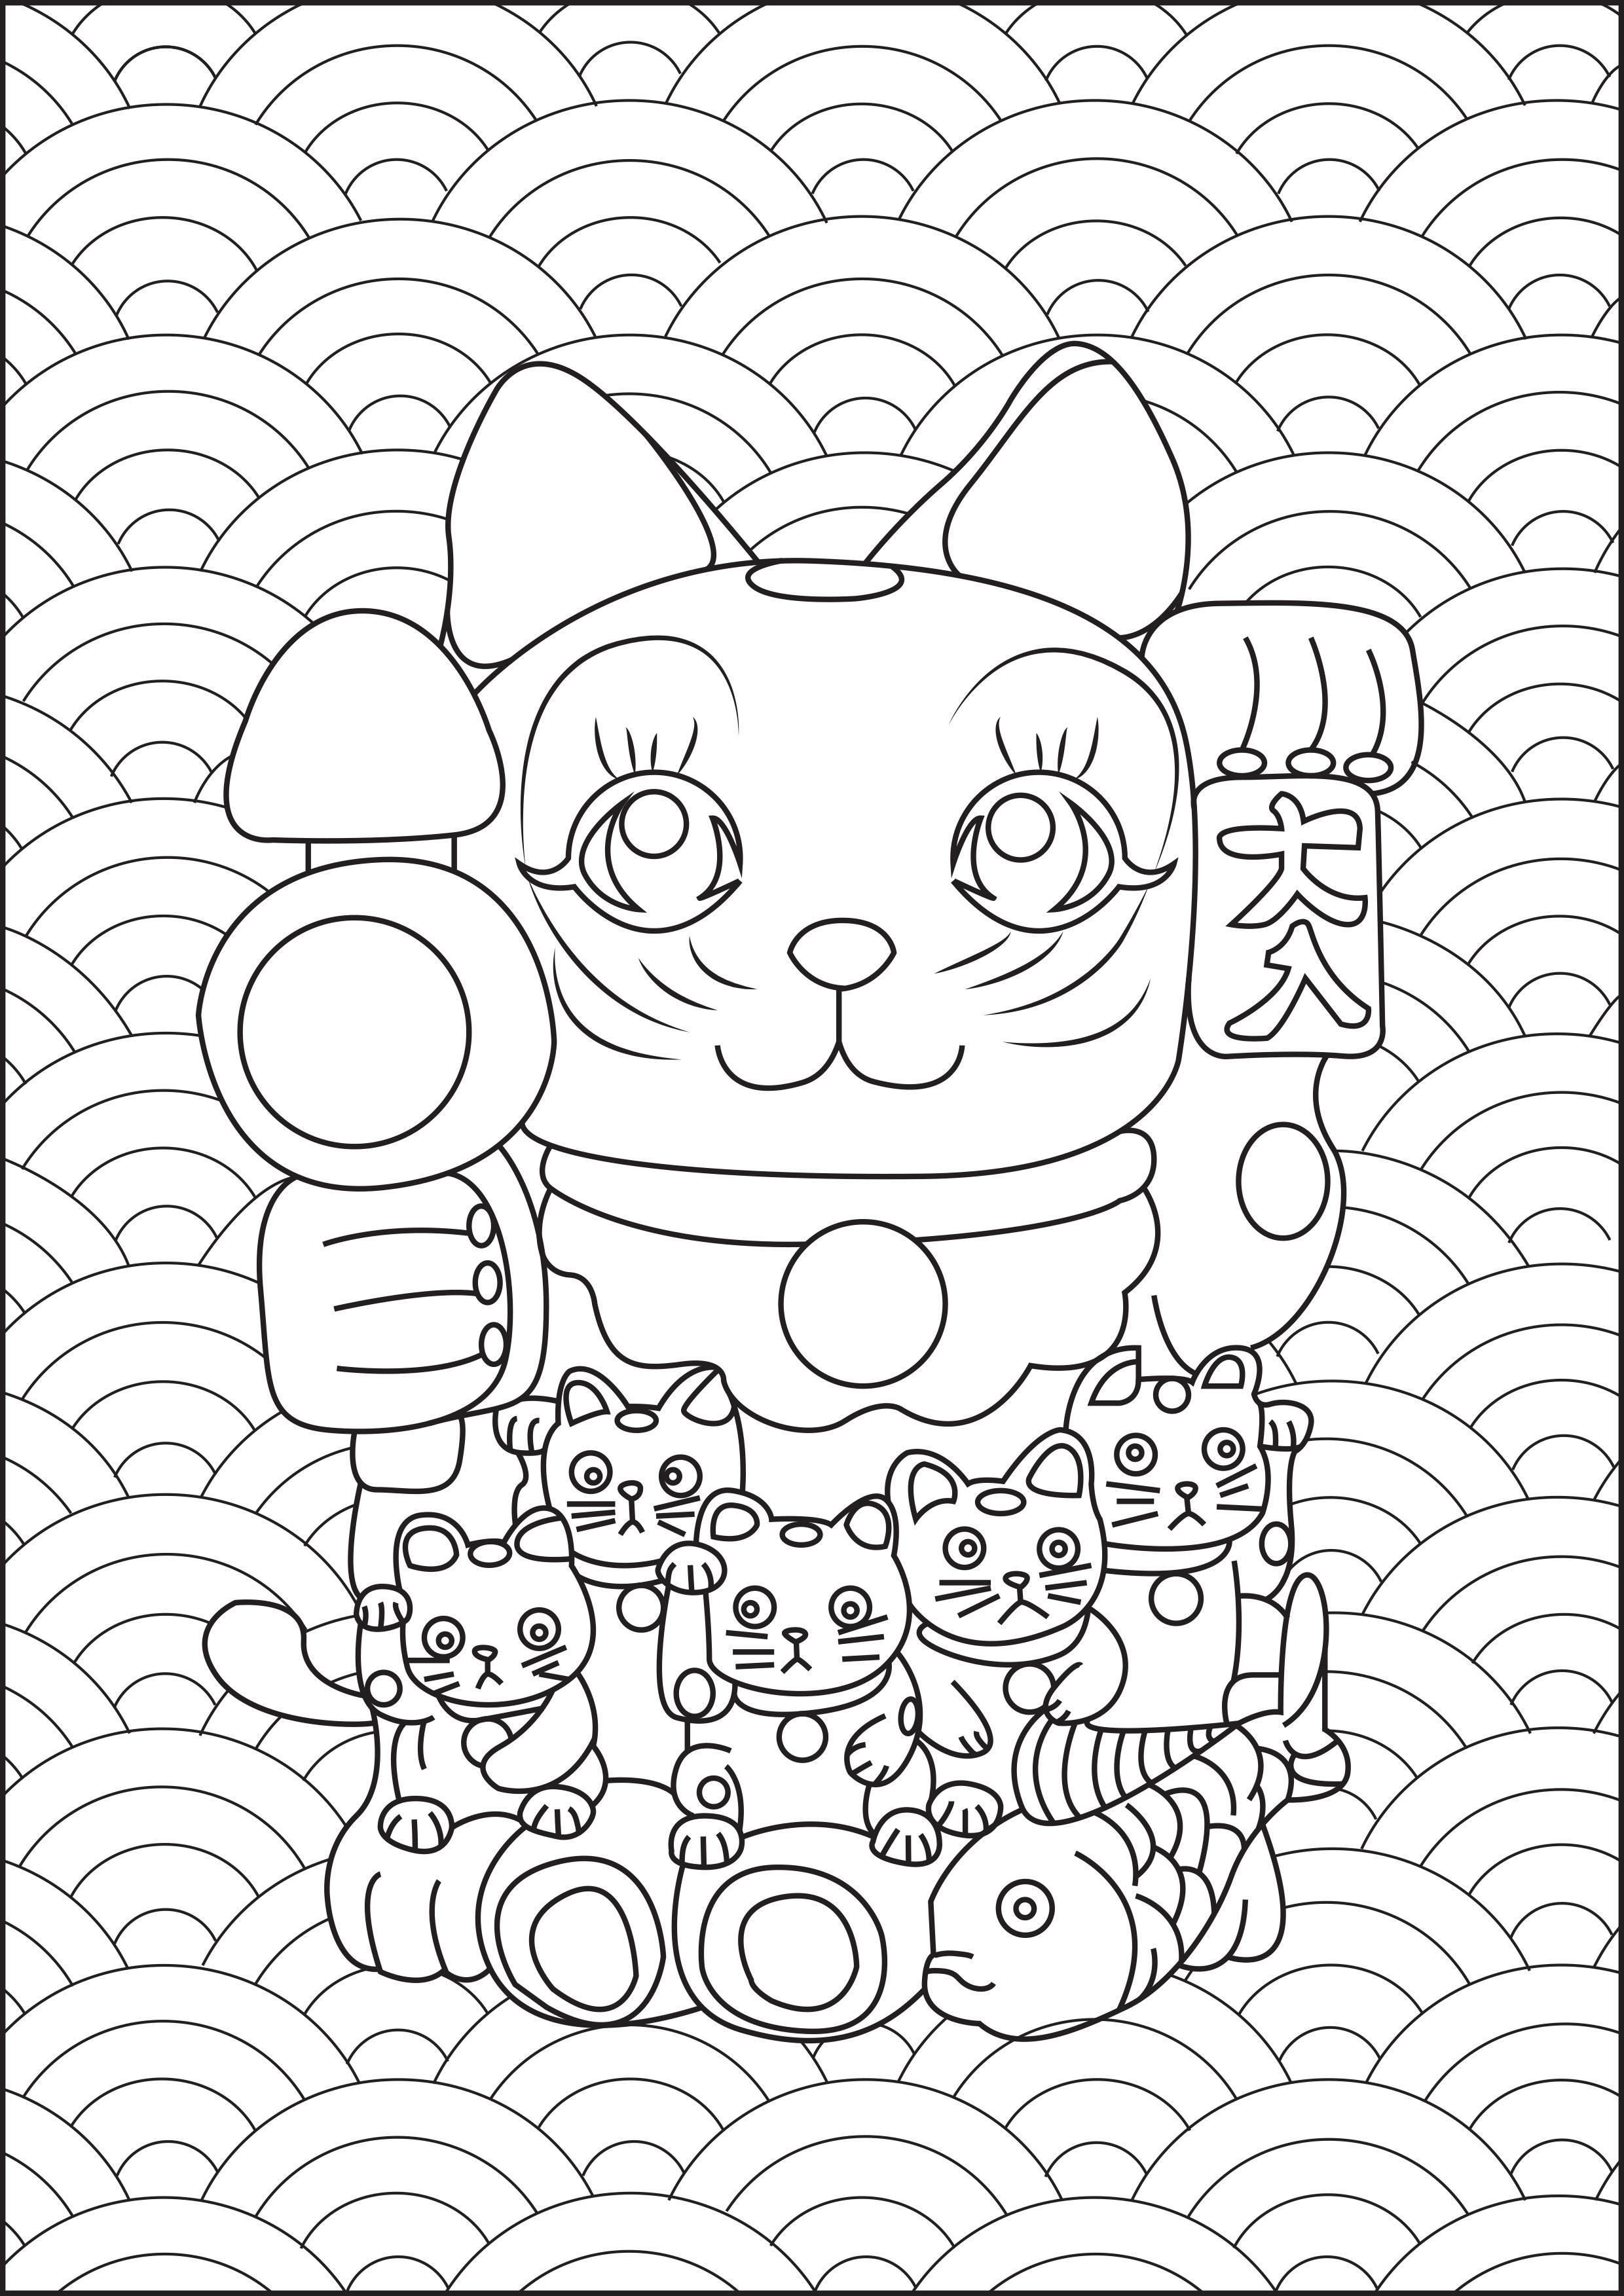 Disegni da Colorare per Adulti : Giappone - 1